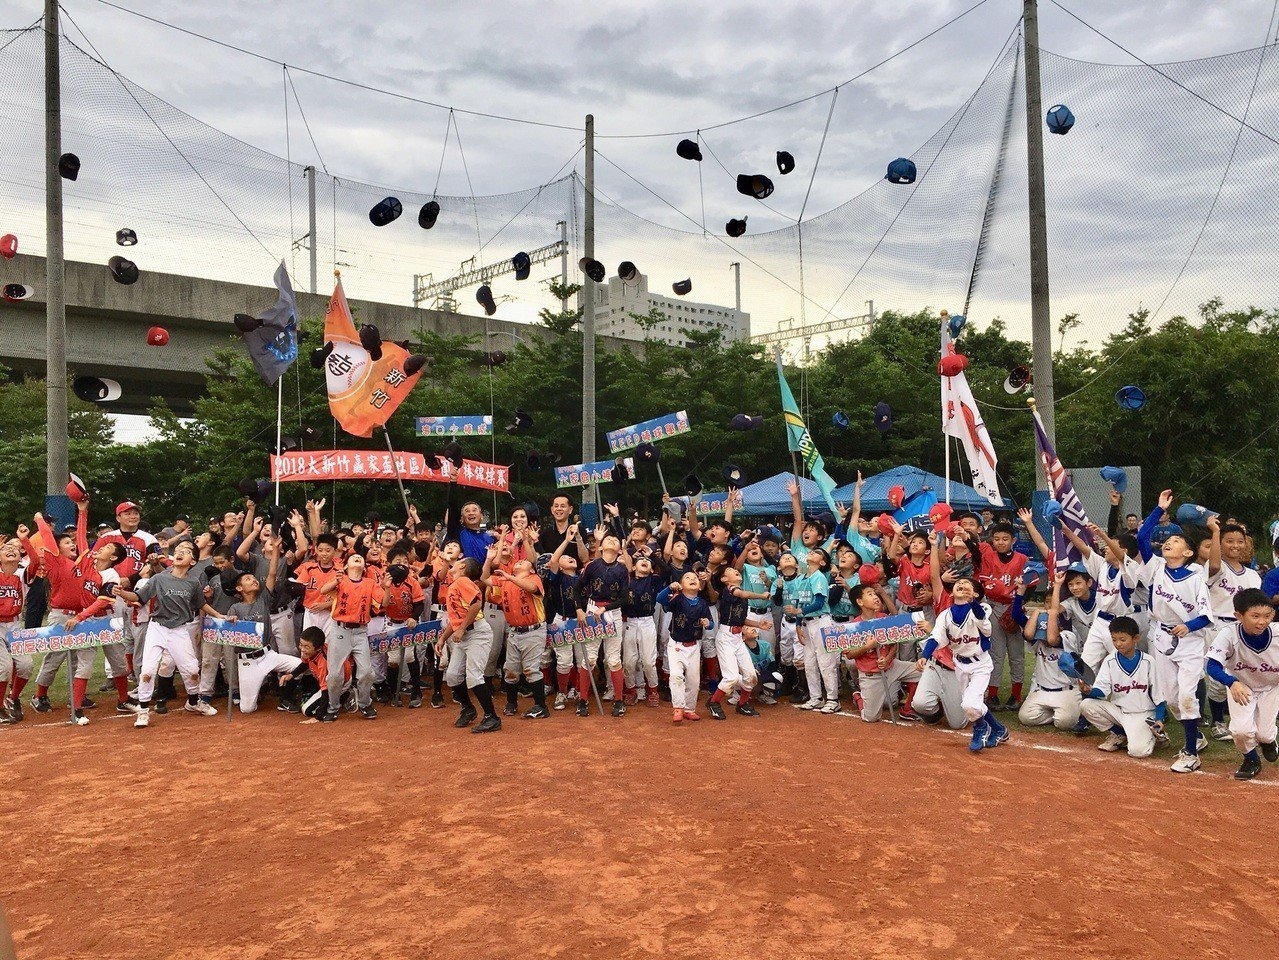 大新竹贏家盃社區少棒錦標賽今天在竹北世興棒壘球場展開,現場有將近200位棒球小將...